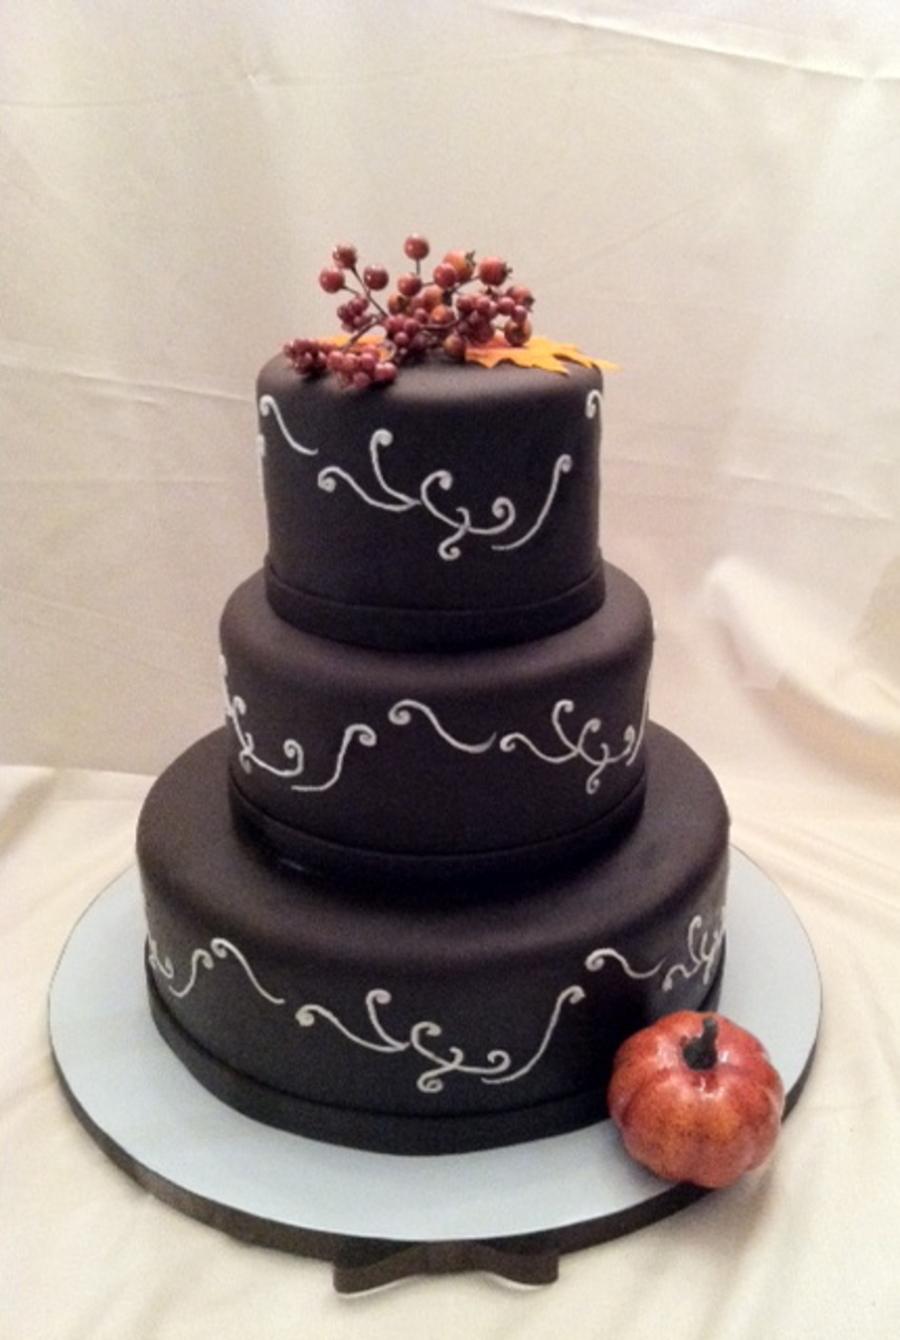 Cake Designs No Fondant : Dark Chocolate Fondant Wedding Cake - CakeCentral.com